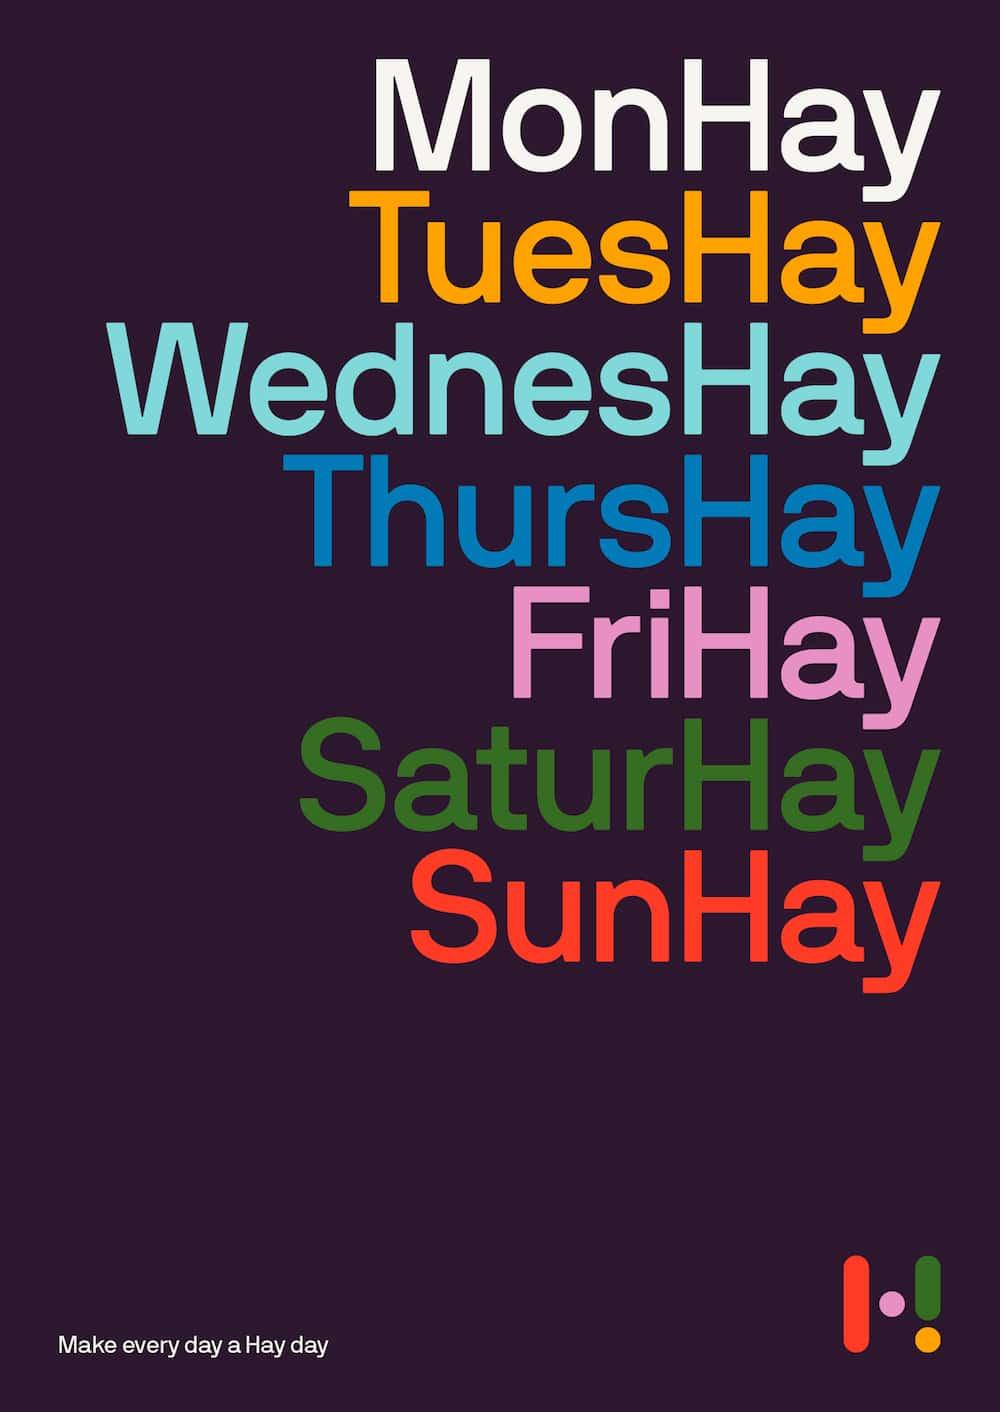 Bunte schrift mit den Wochentagen und - Hay anstatt Day am Ende: MonHay, TuesHay